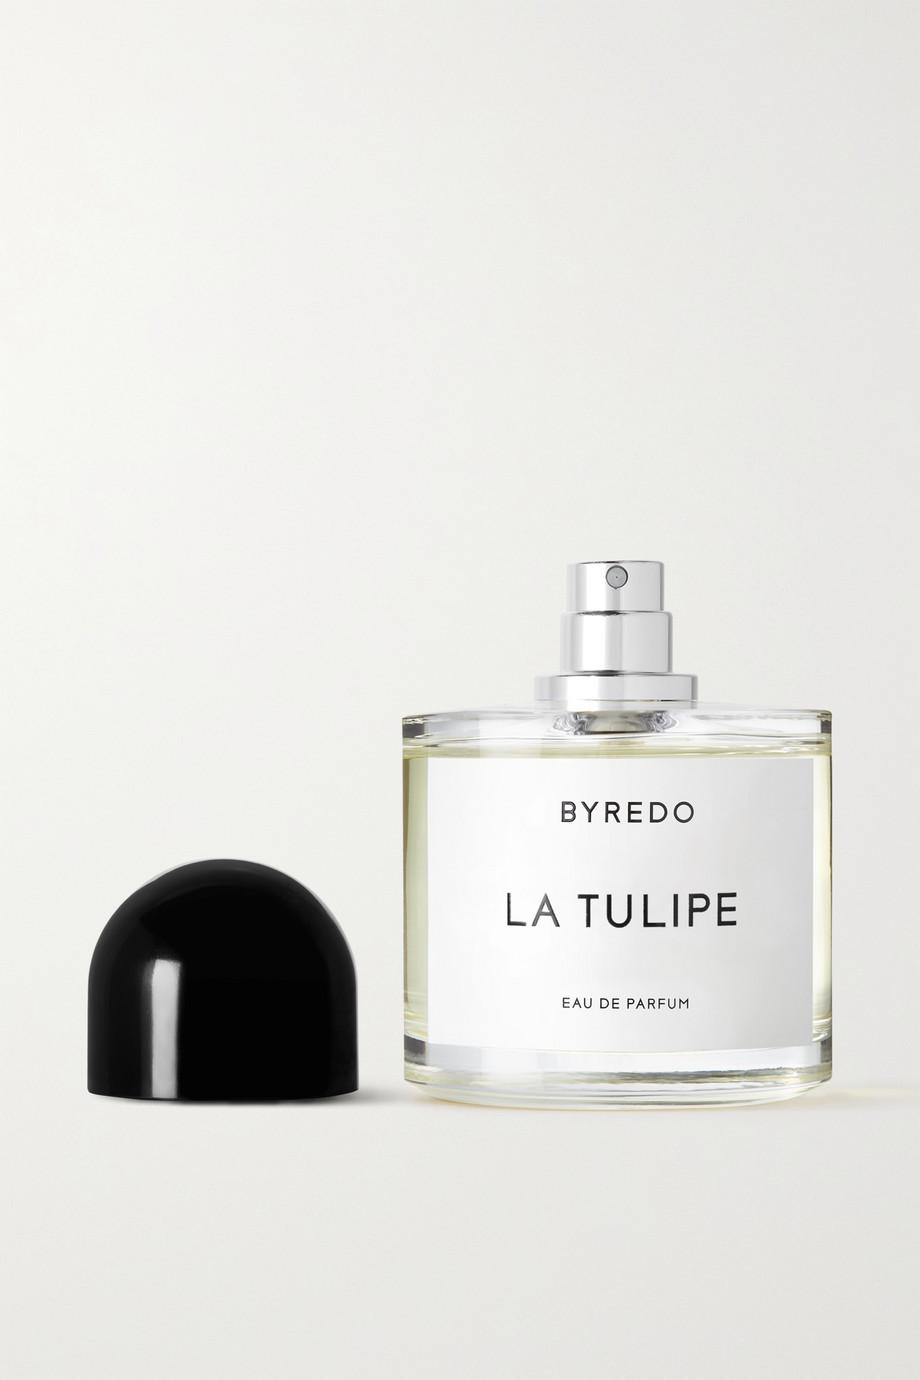 Byredo La Tulipe, 50 ml – Eau de Parfum